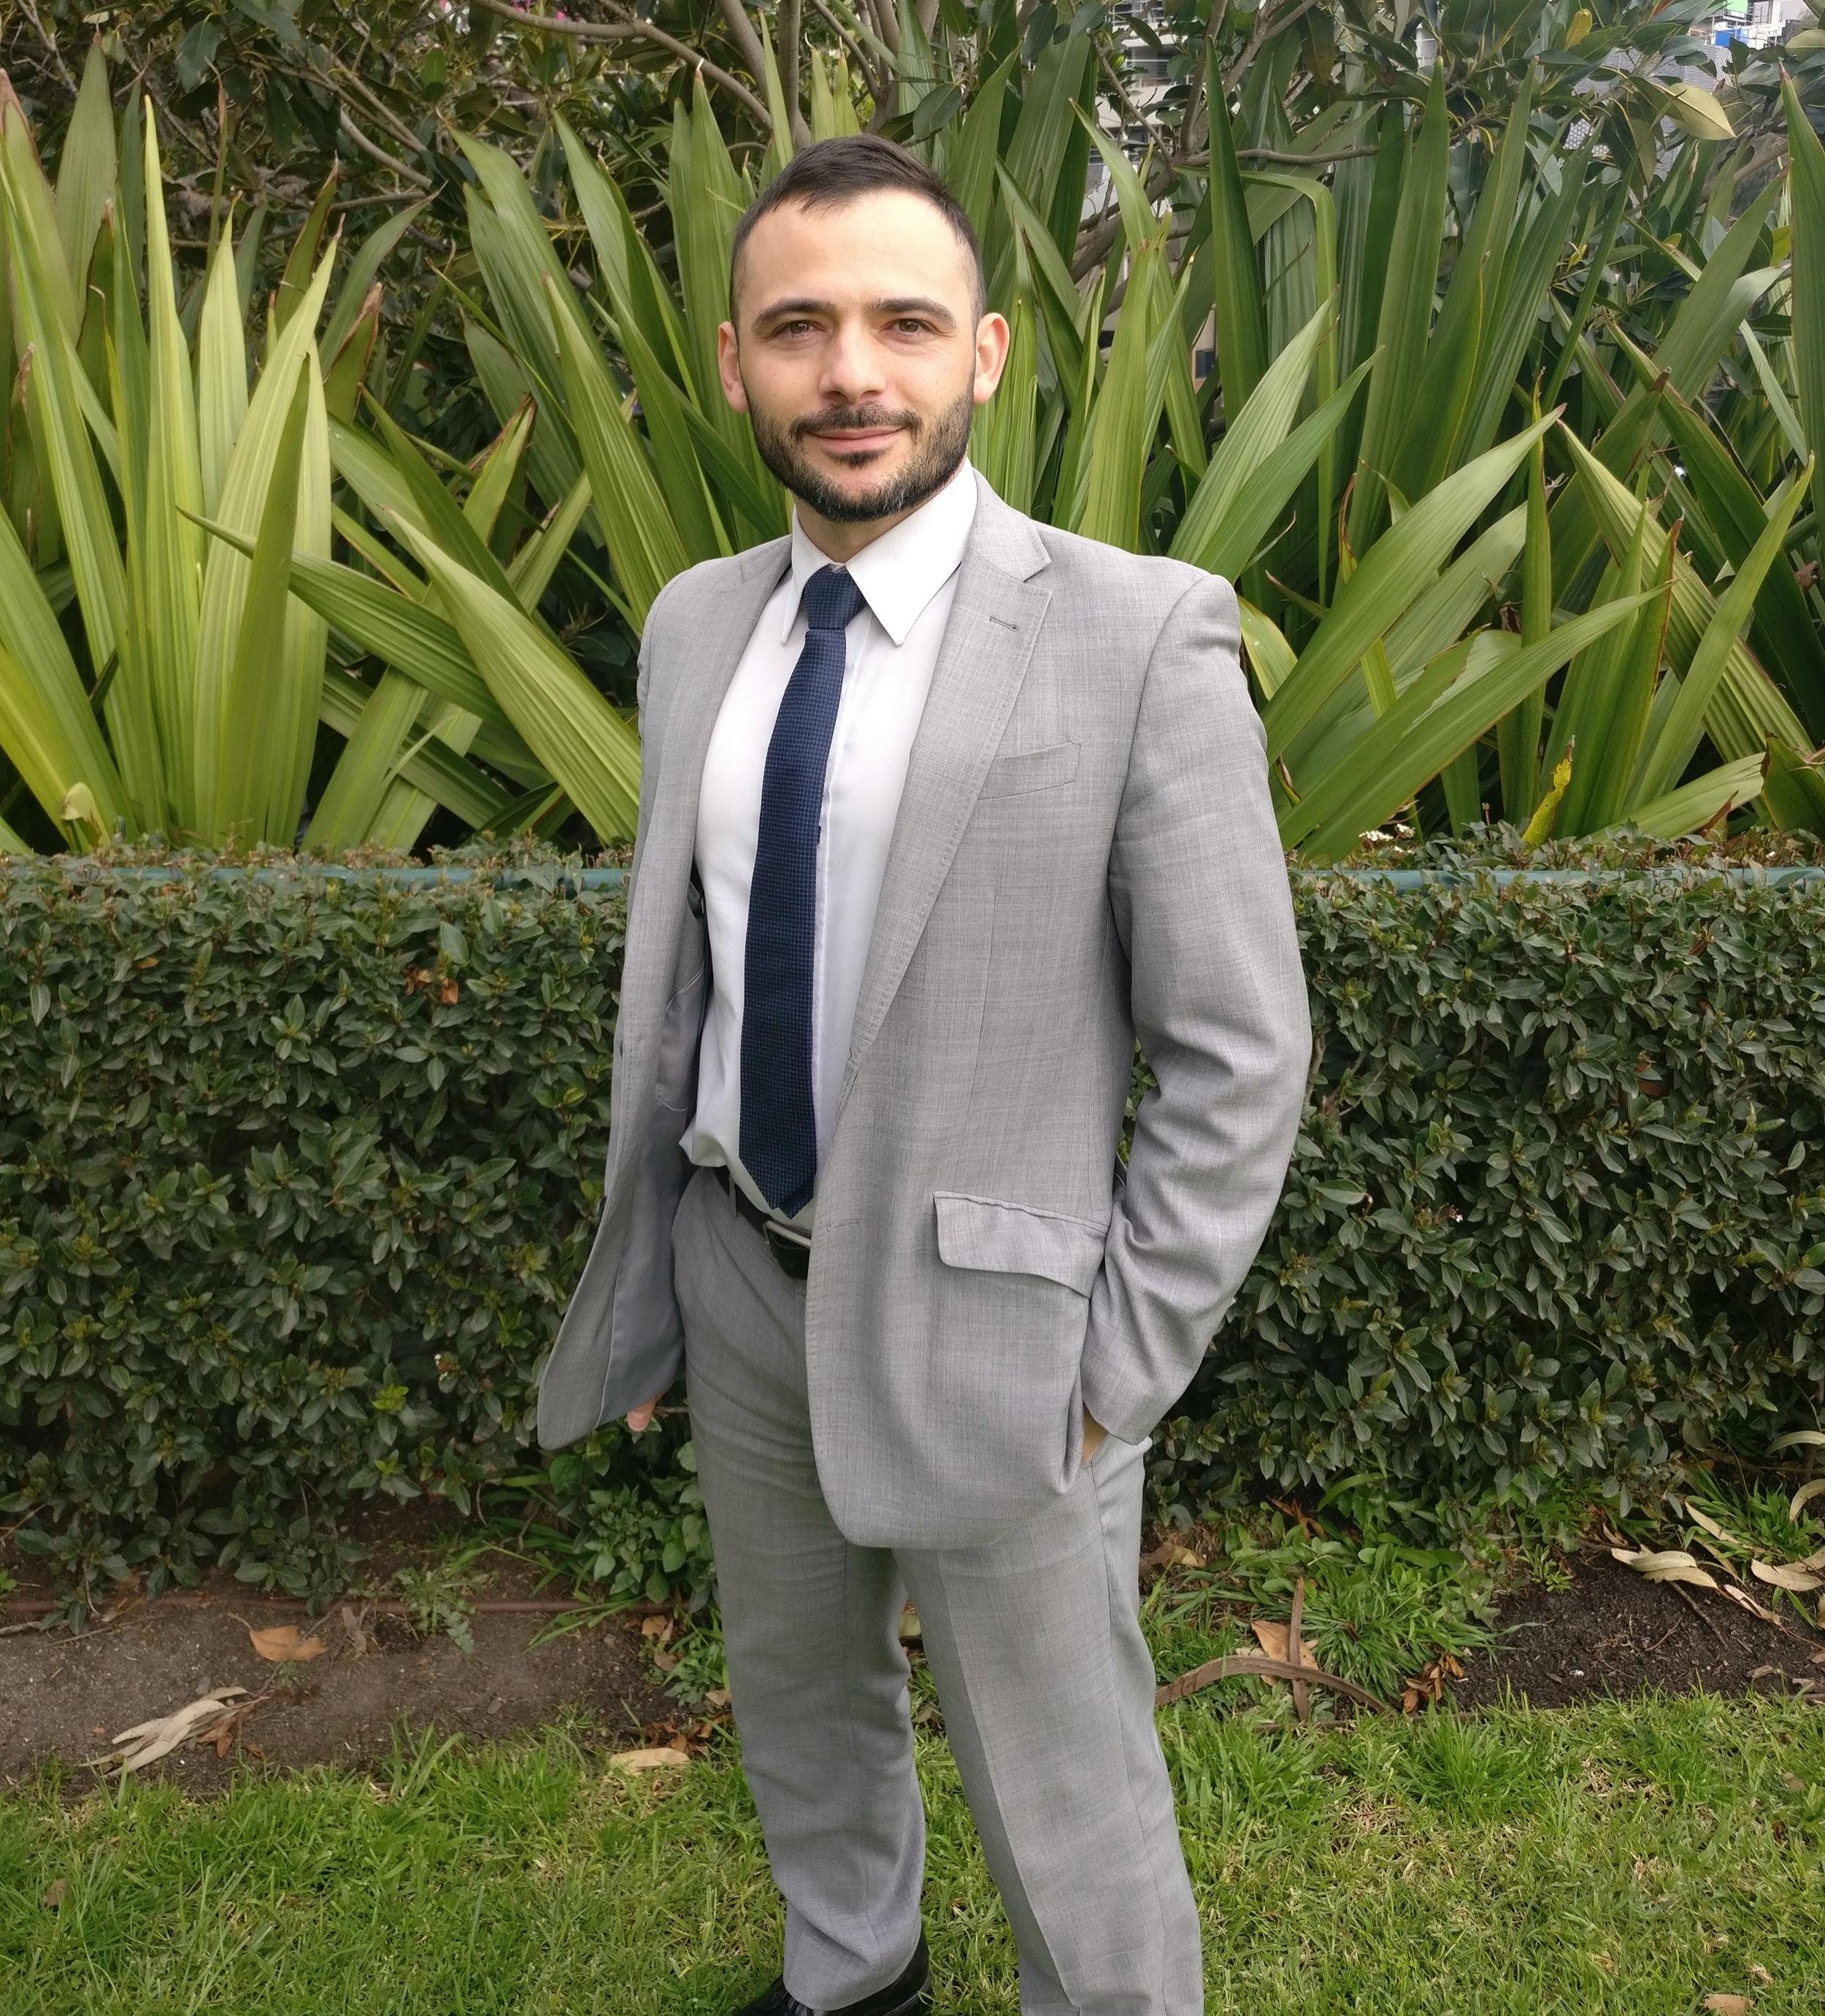 KOSTA ATANASOV - Adviser  Email: K.Atanasov@ejm.com.au  Mobile: 0404 379 786